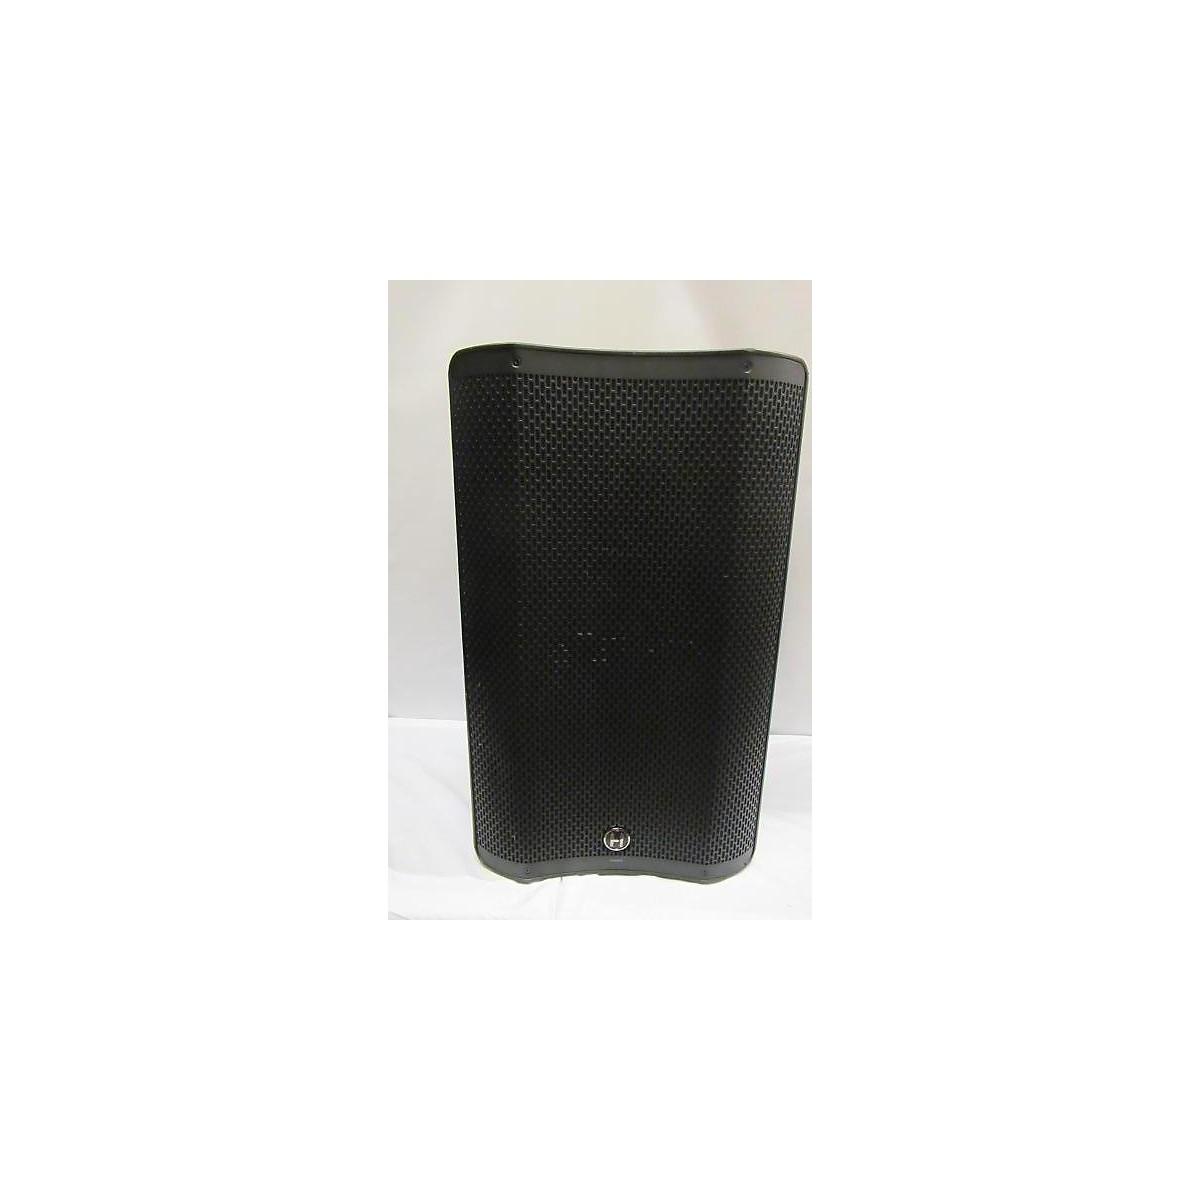 Harbinger VARI V4115 Powered Speaker